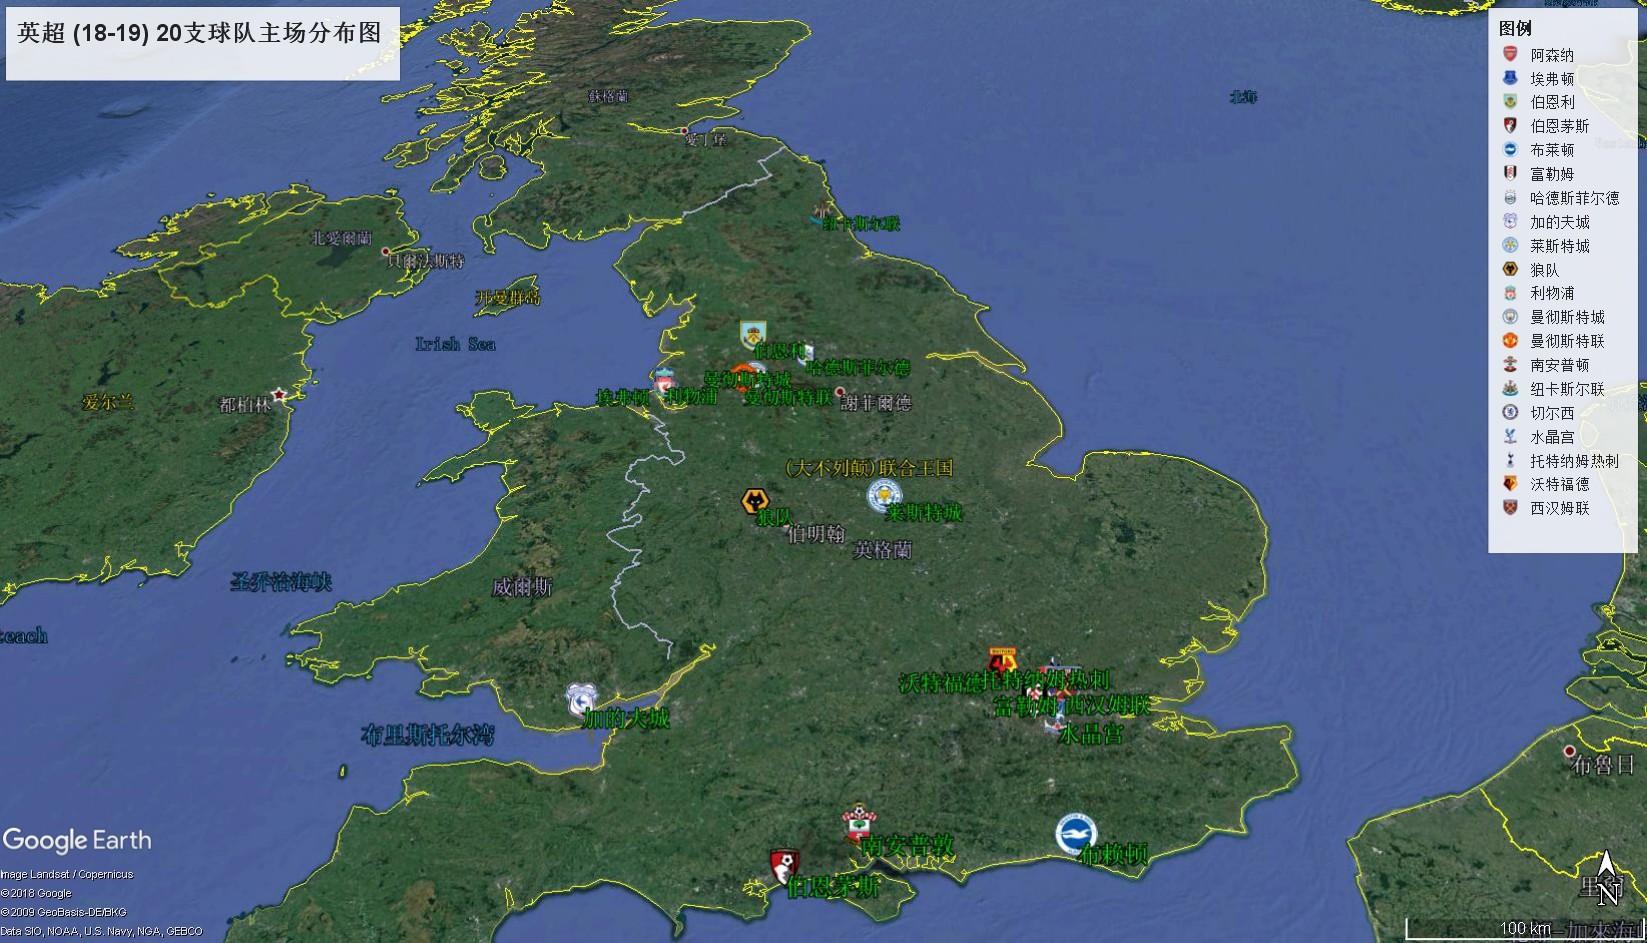 足球地理:18-19赛季五大联赛各足球队主场图